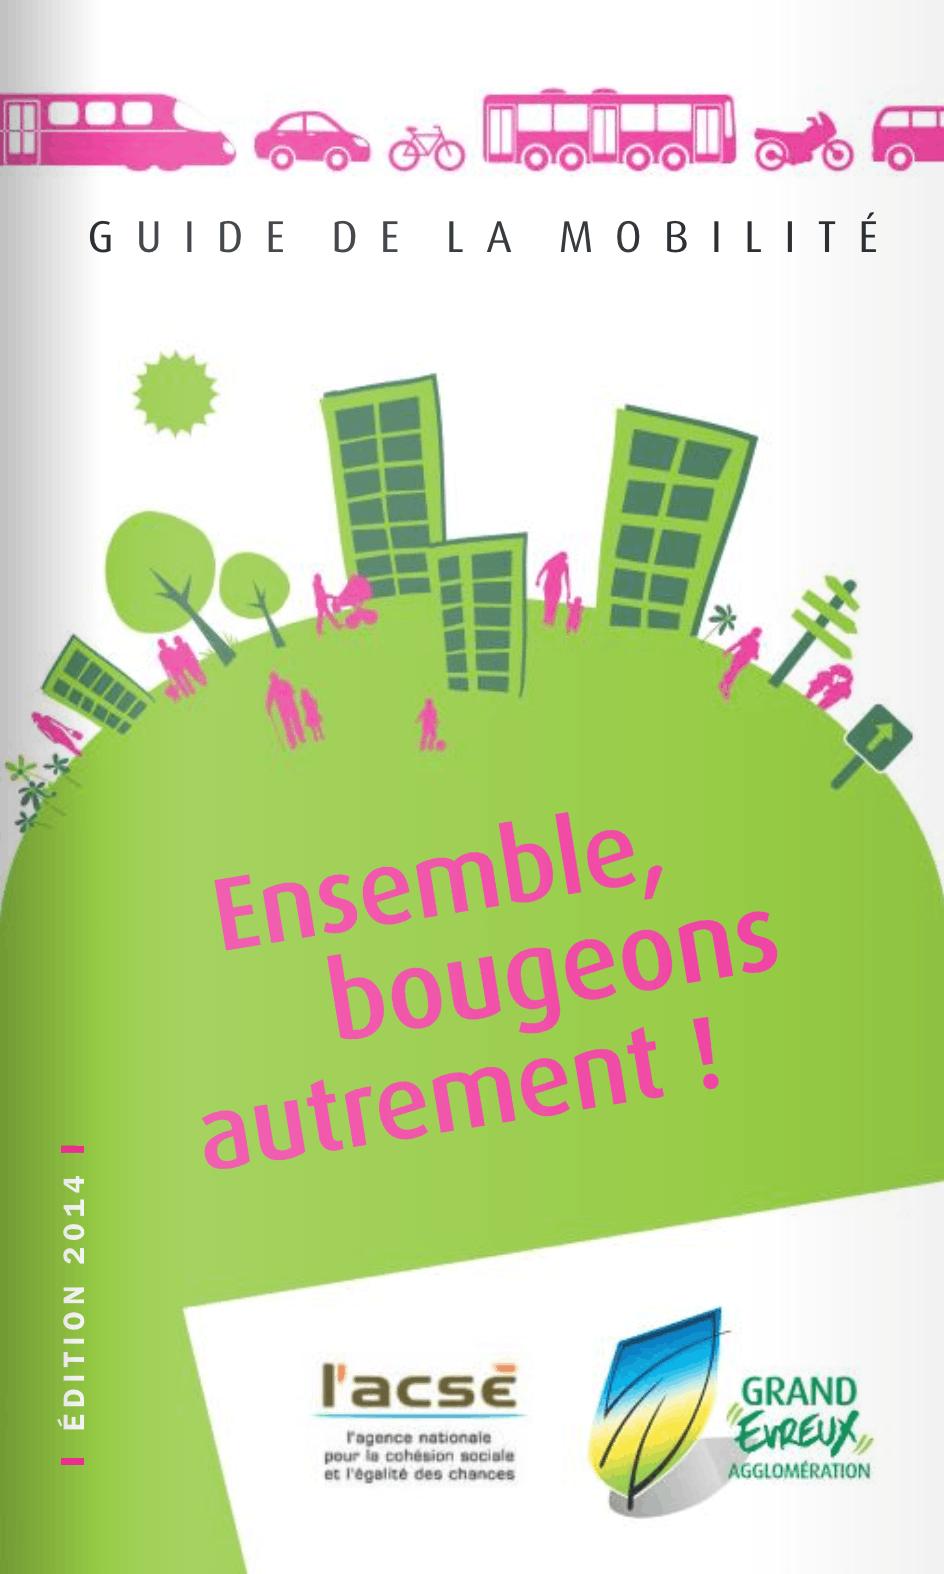 Affiche du « guide de la mobilité » de la ville d'Évreux, 2014.